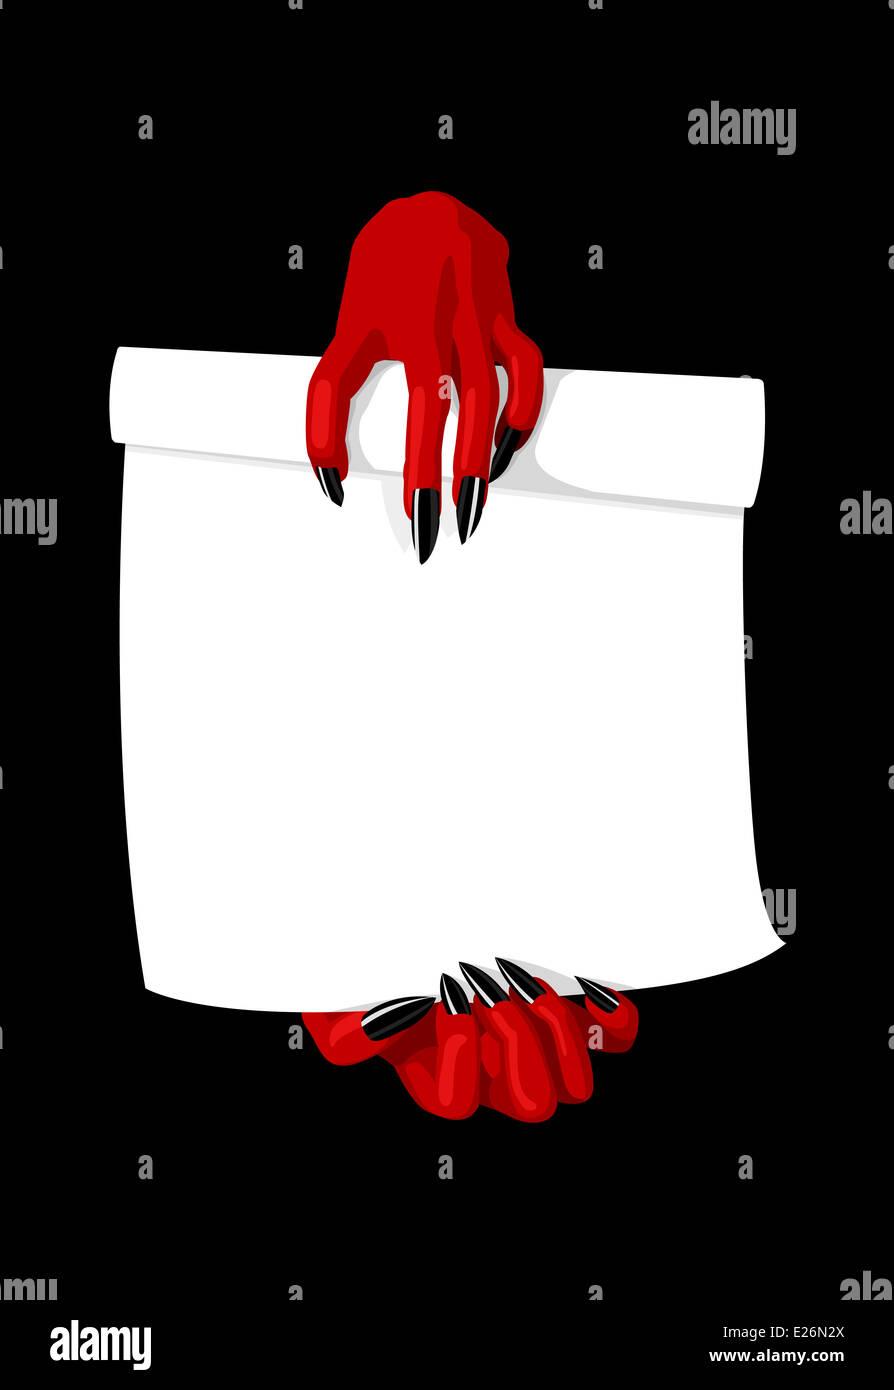 illustration vecteur de devil hands holding contrat pacte avec le diable concept banque d. Black Bedroom Furniture Sets. Home Design Ideas